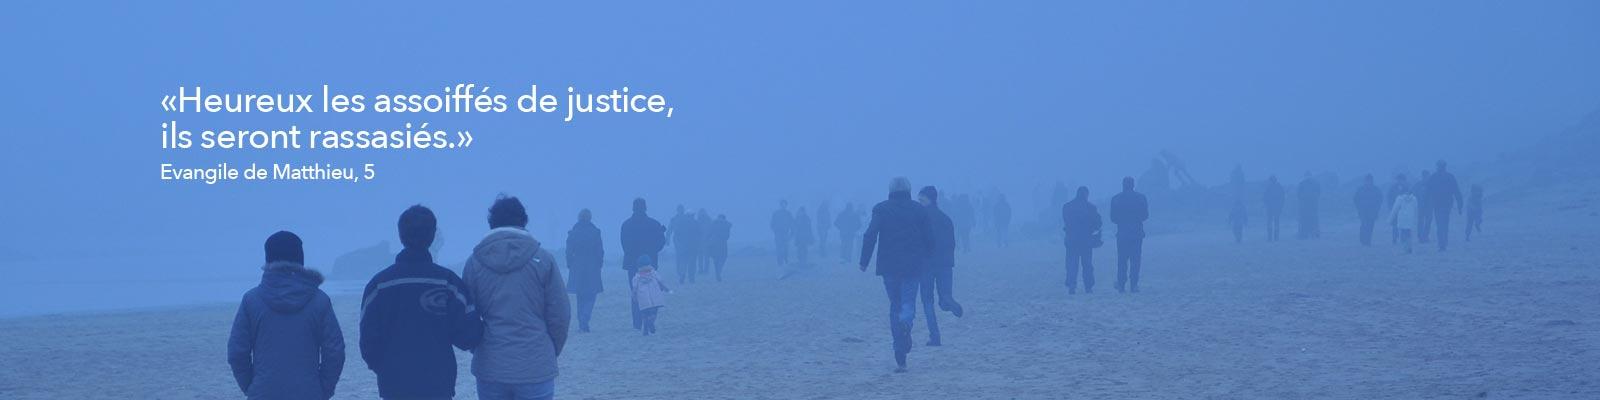 Heureux les assoiffés de justice, ils seront rassasiés